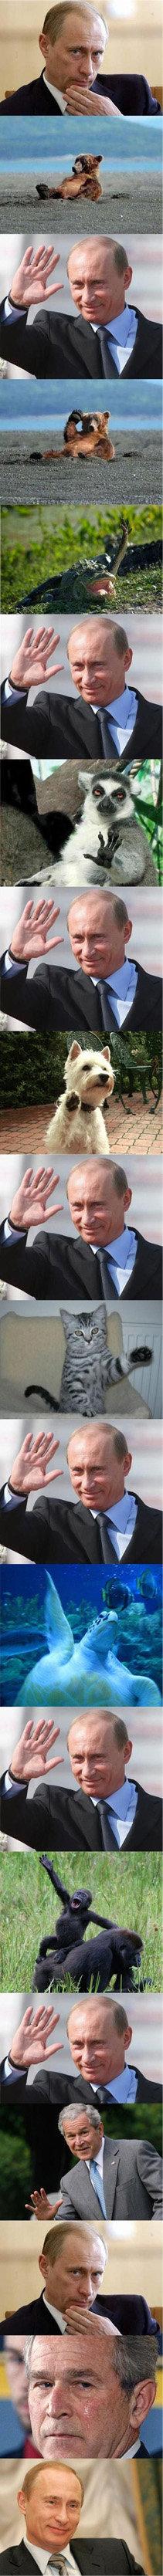 Vladimir Doolitle. Thumbs please .